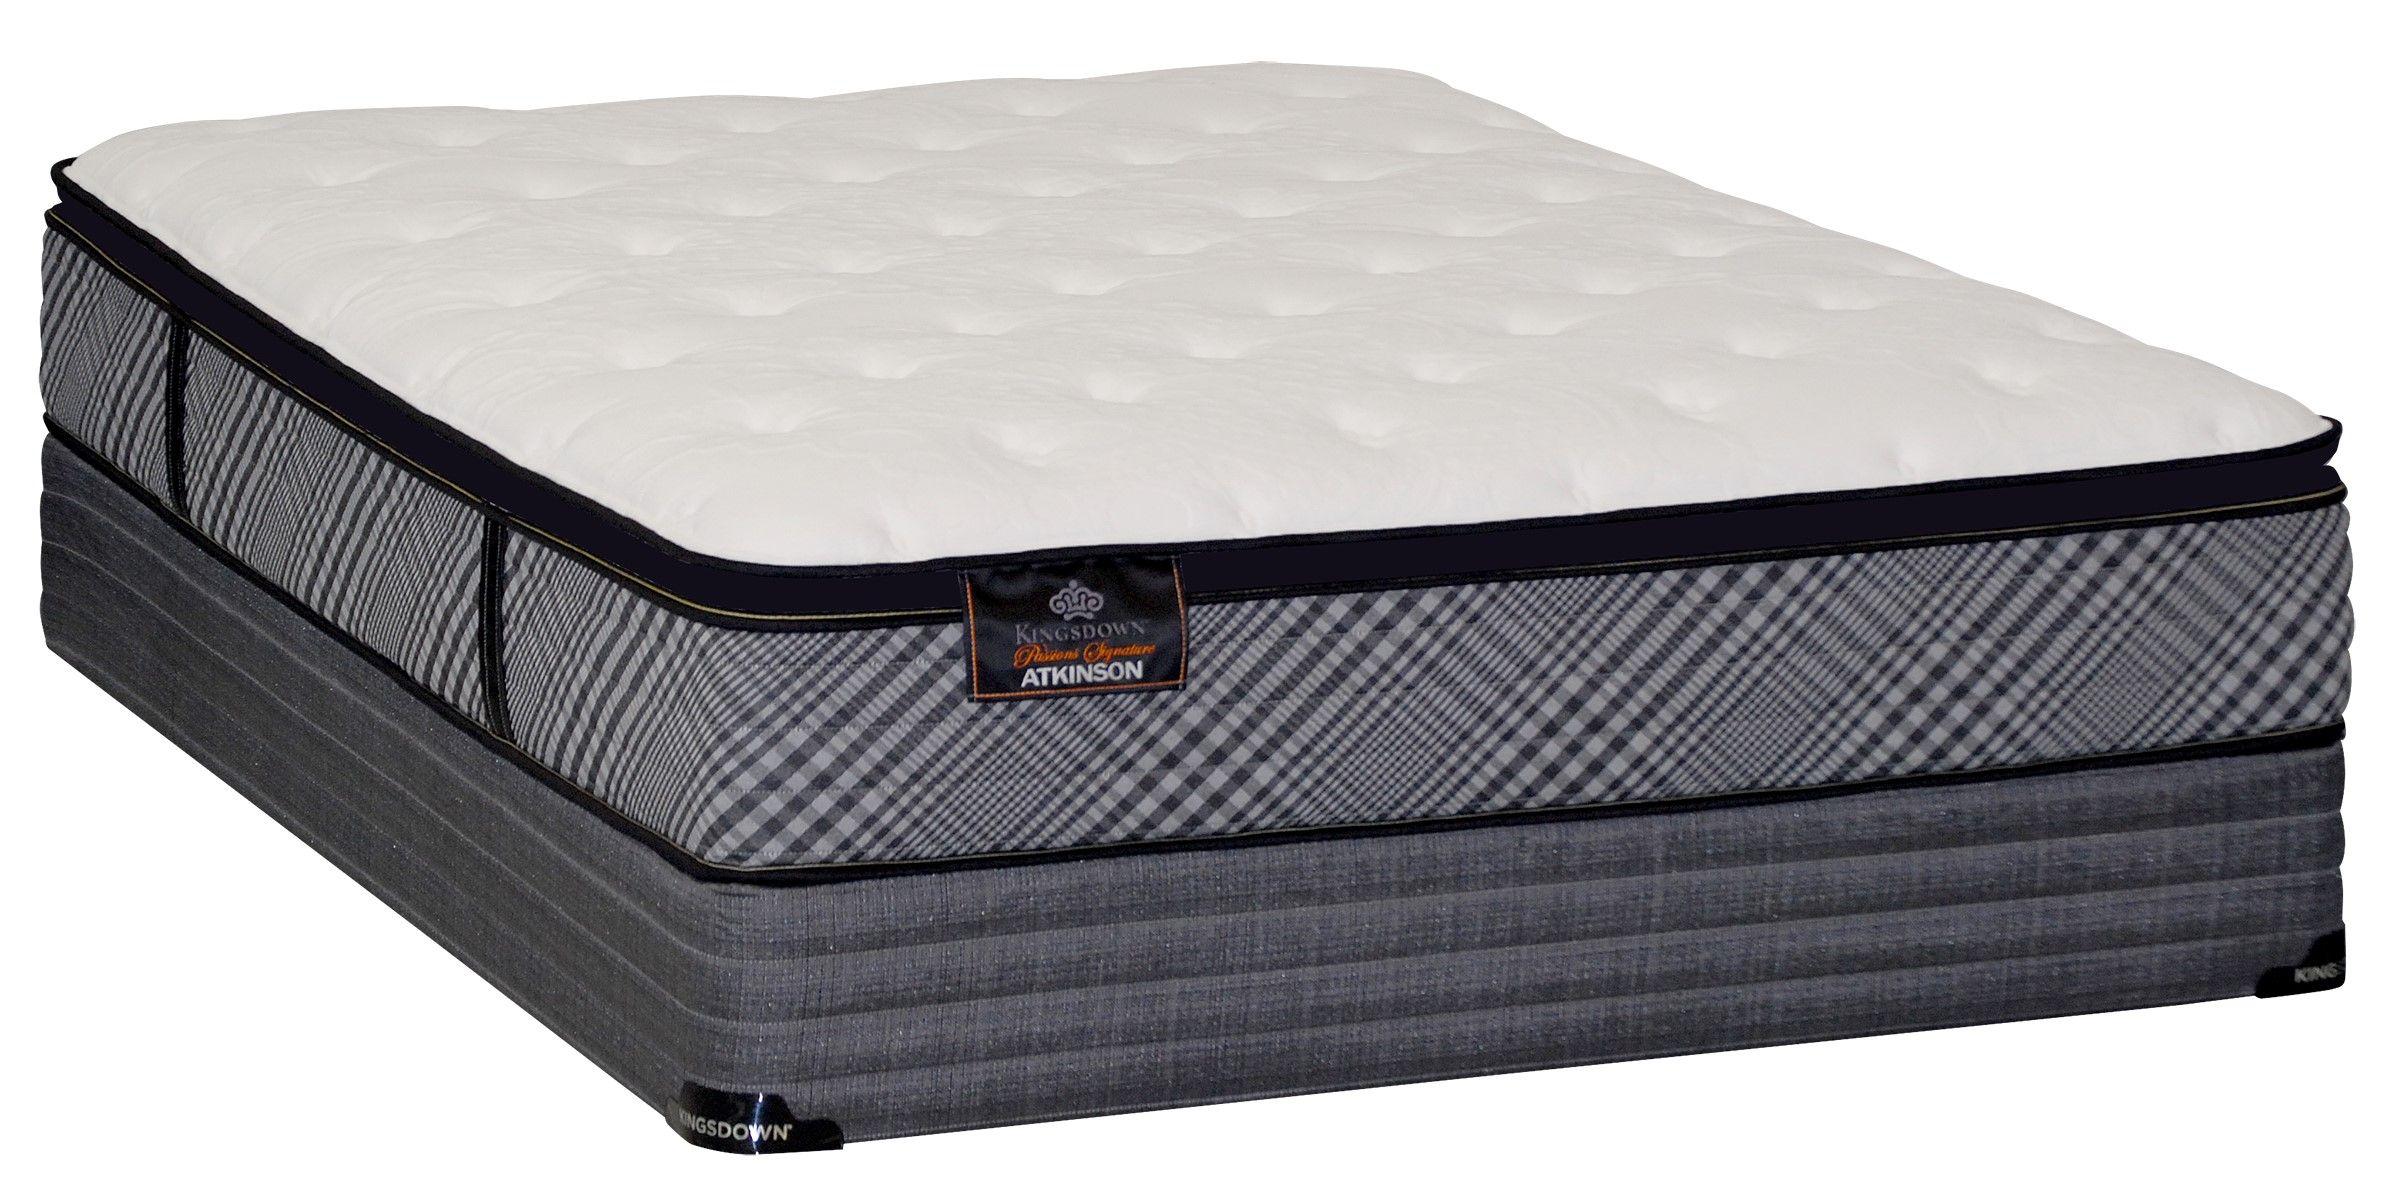 kingsdown atkinson pillow top queen mattress set stuff to buy